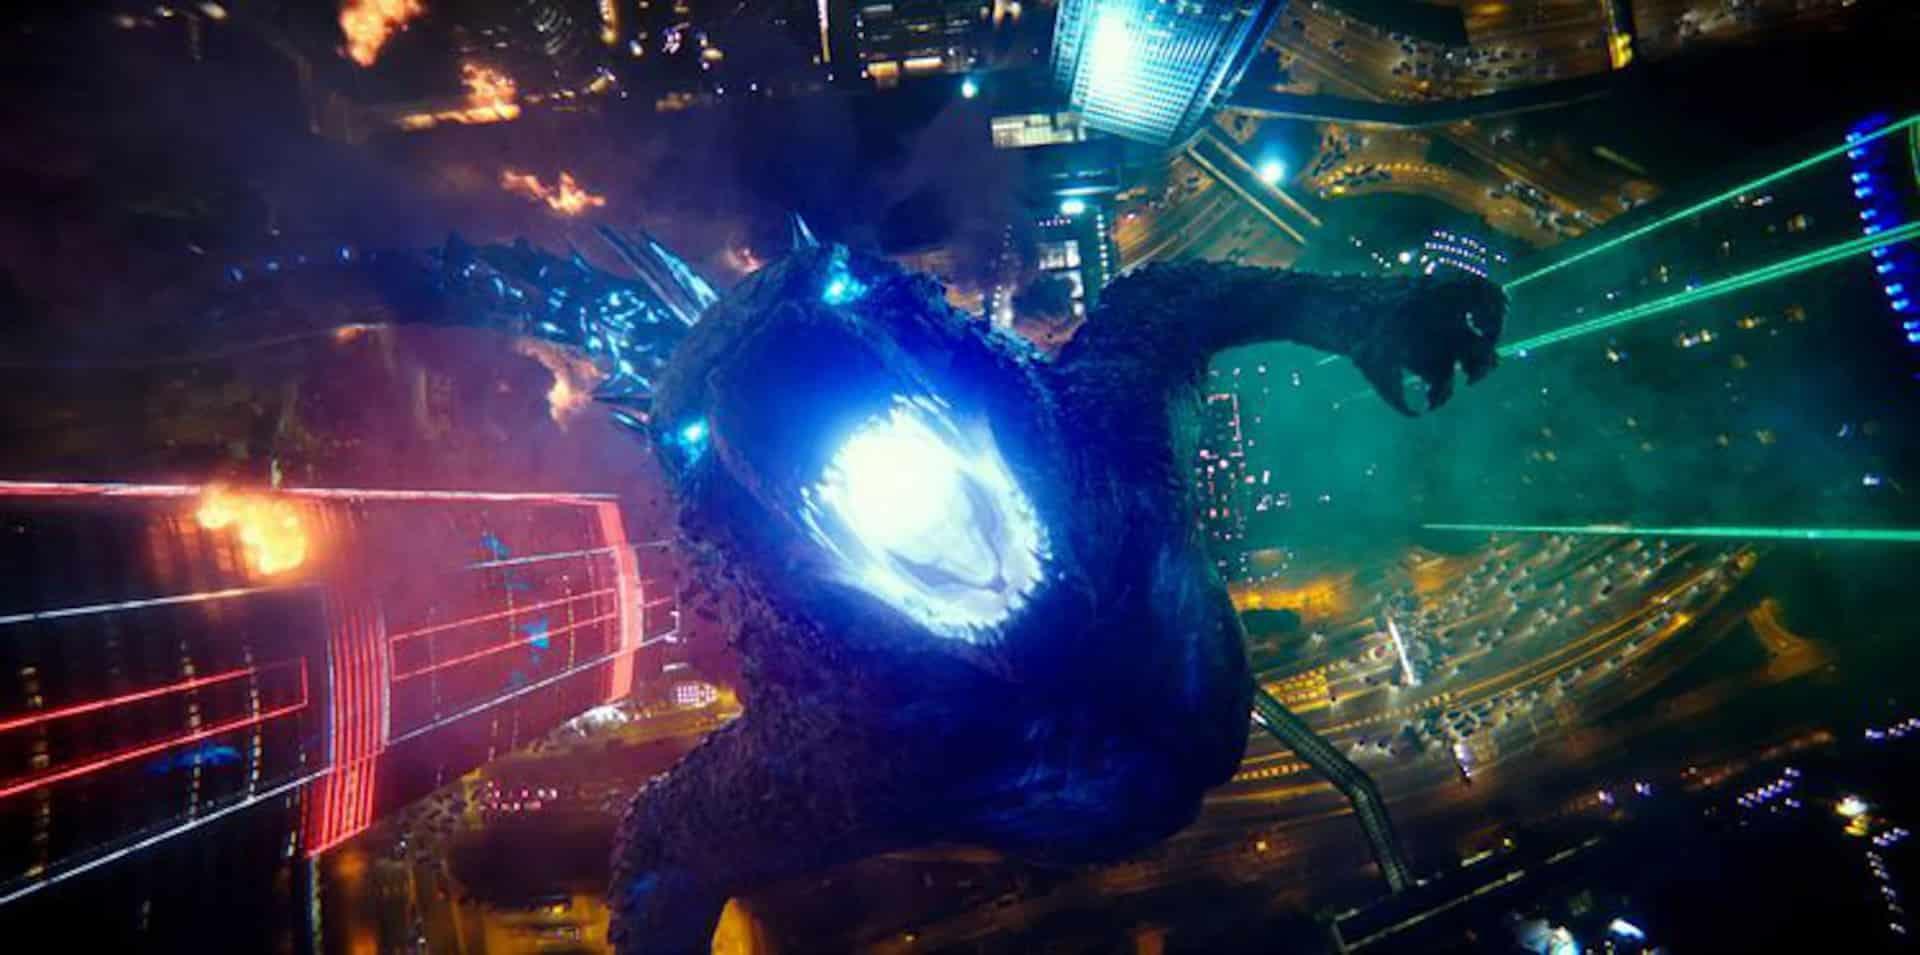 Godzilla vs. Kong spectacle no wonder Adam Wingard Godzilla: King of the Monsters